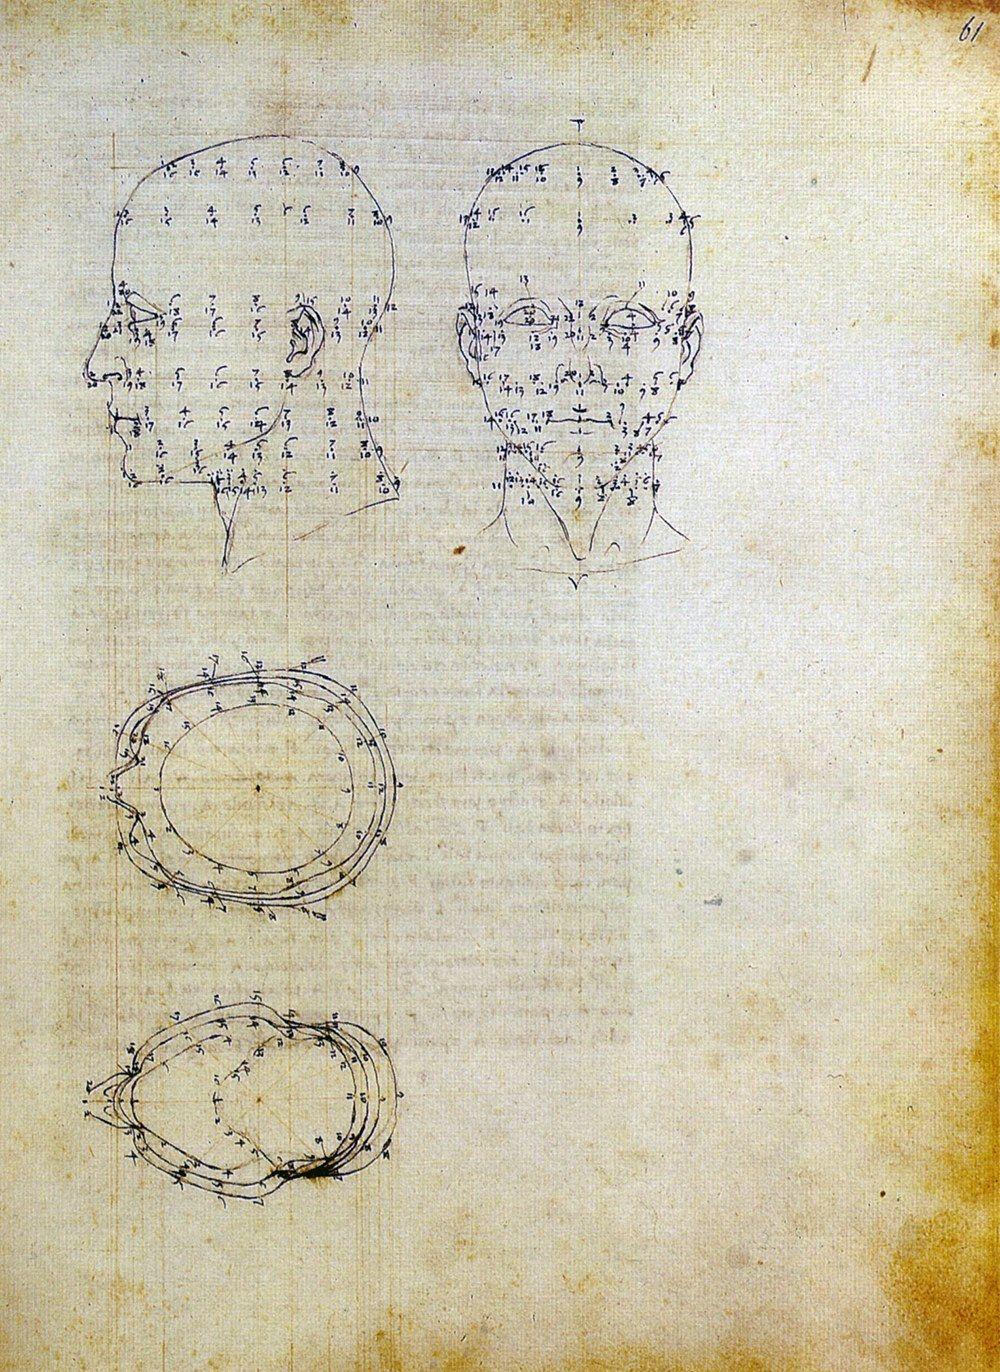 PIERO DELLA FRANCESCA, disegno che illustra il suo metodo di costruzione prospettica